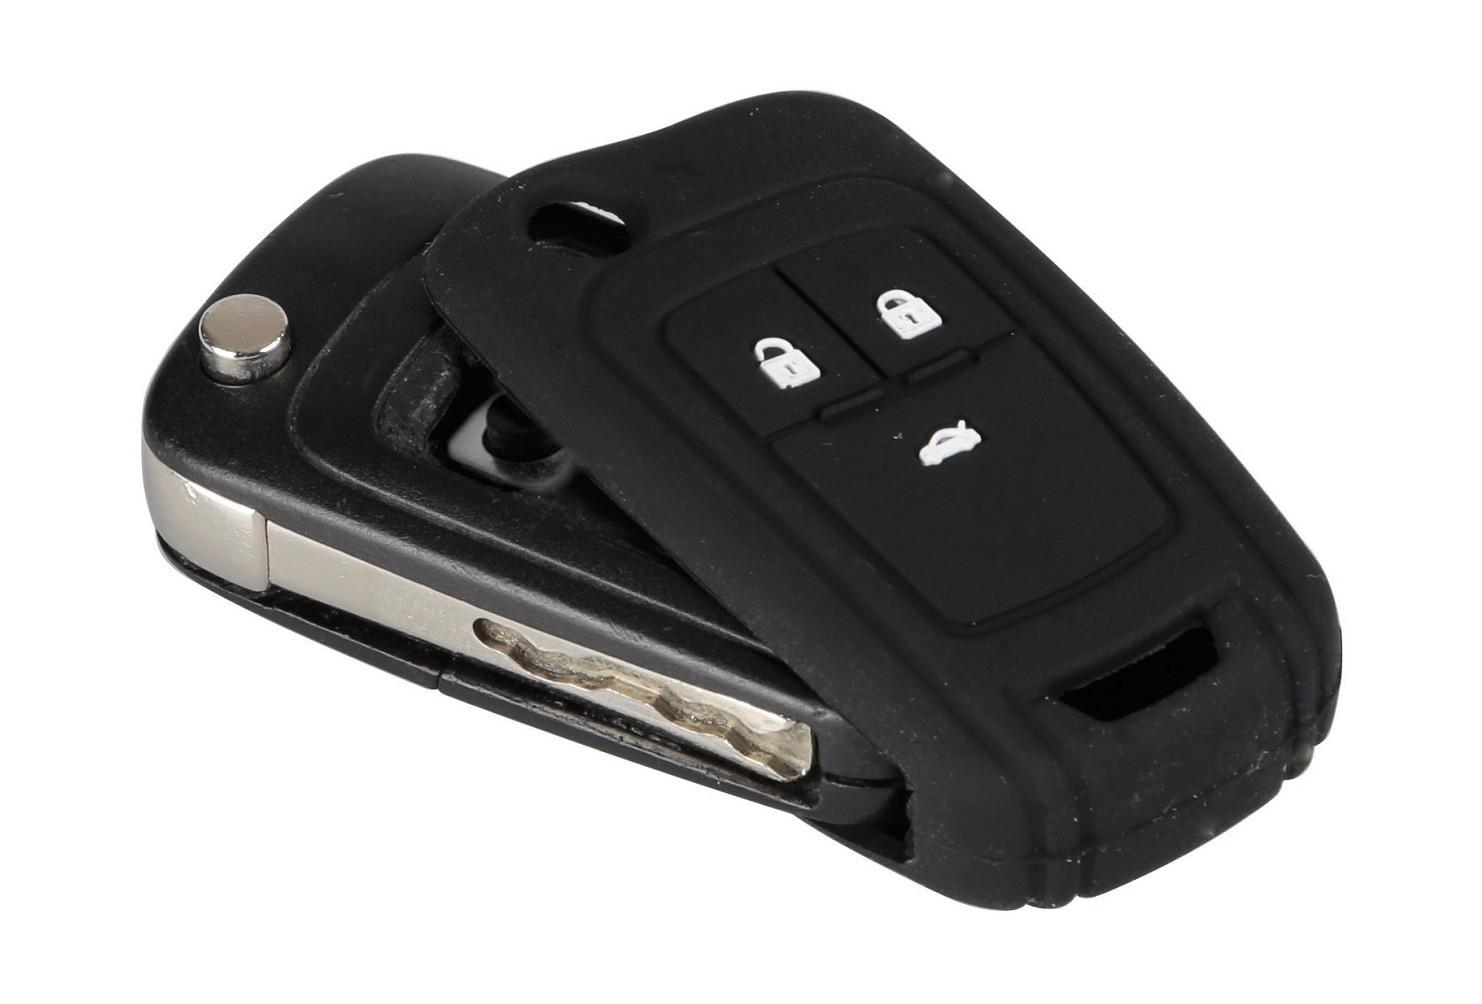 Come fare duplicato chiavi auto, tutti i sistemi